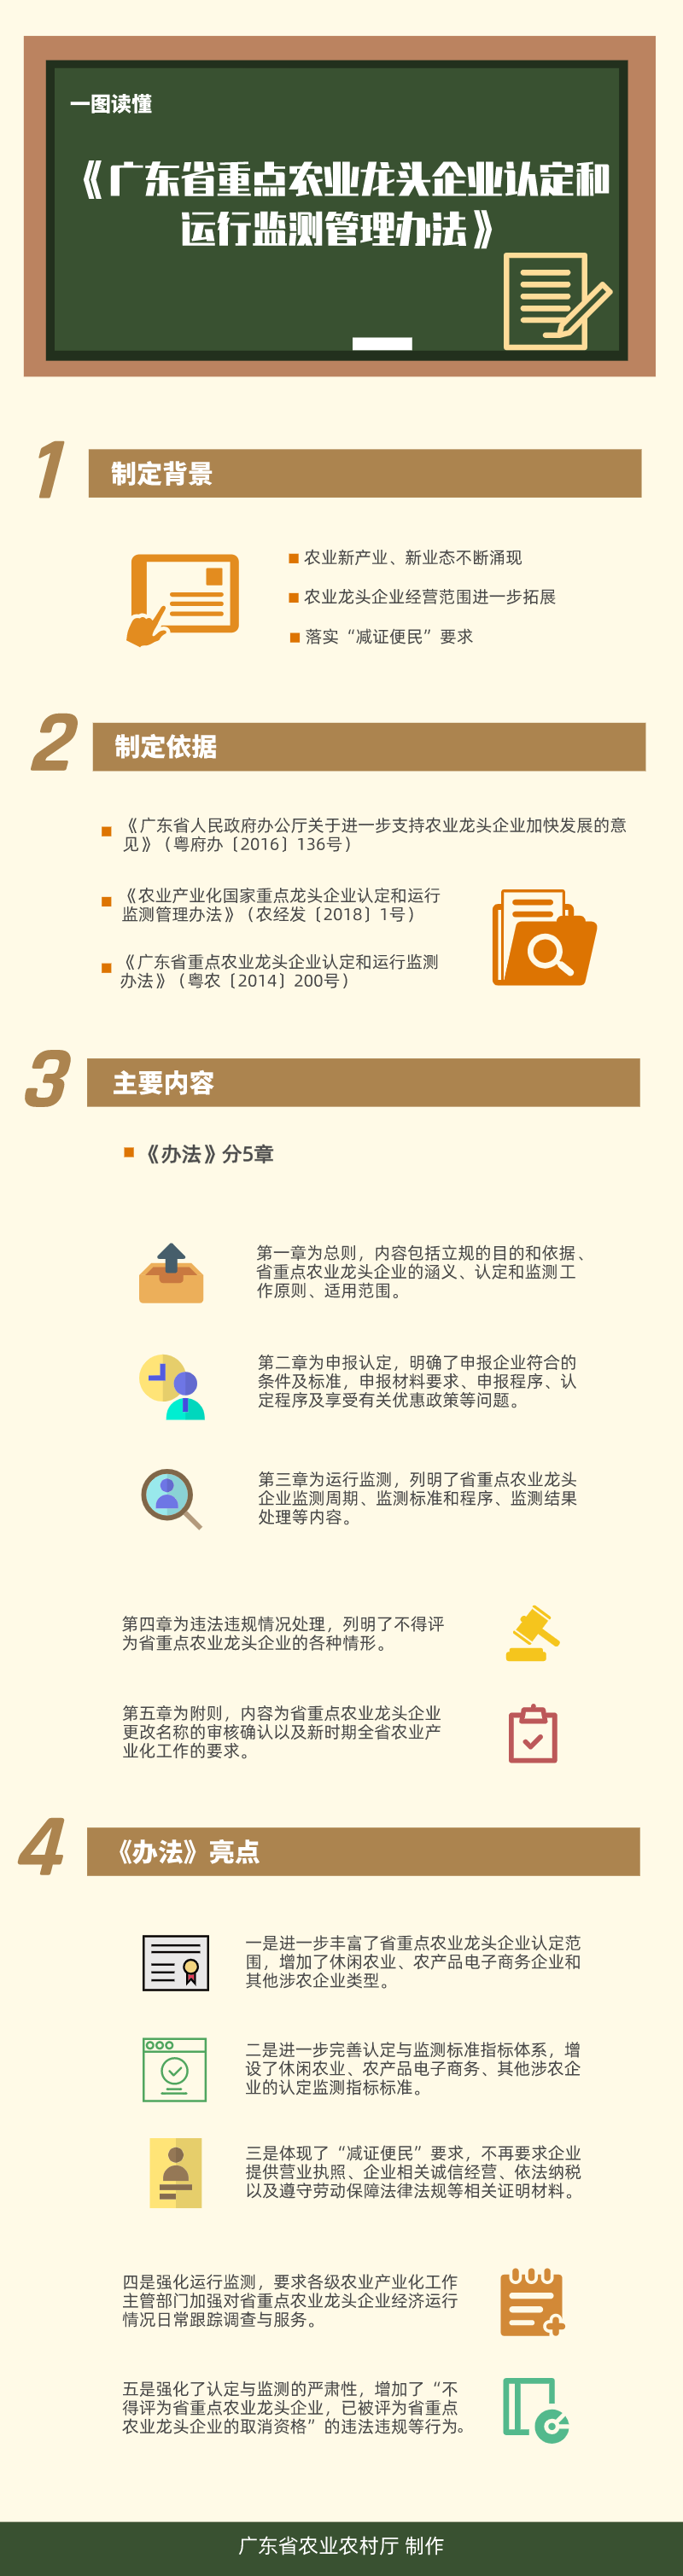 2.9一图读懂《广东省重点农业龙头企业认定和运行监测管理办法》.png